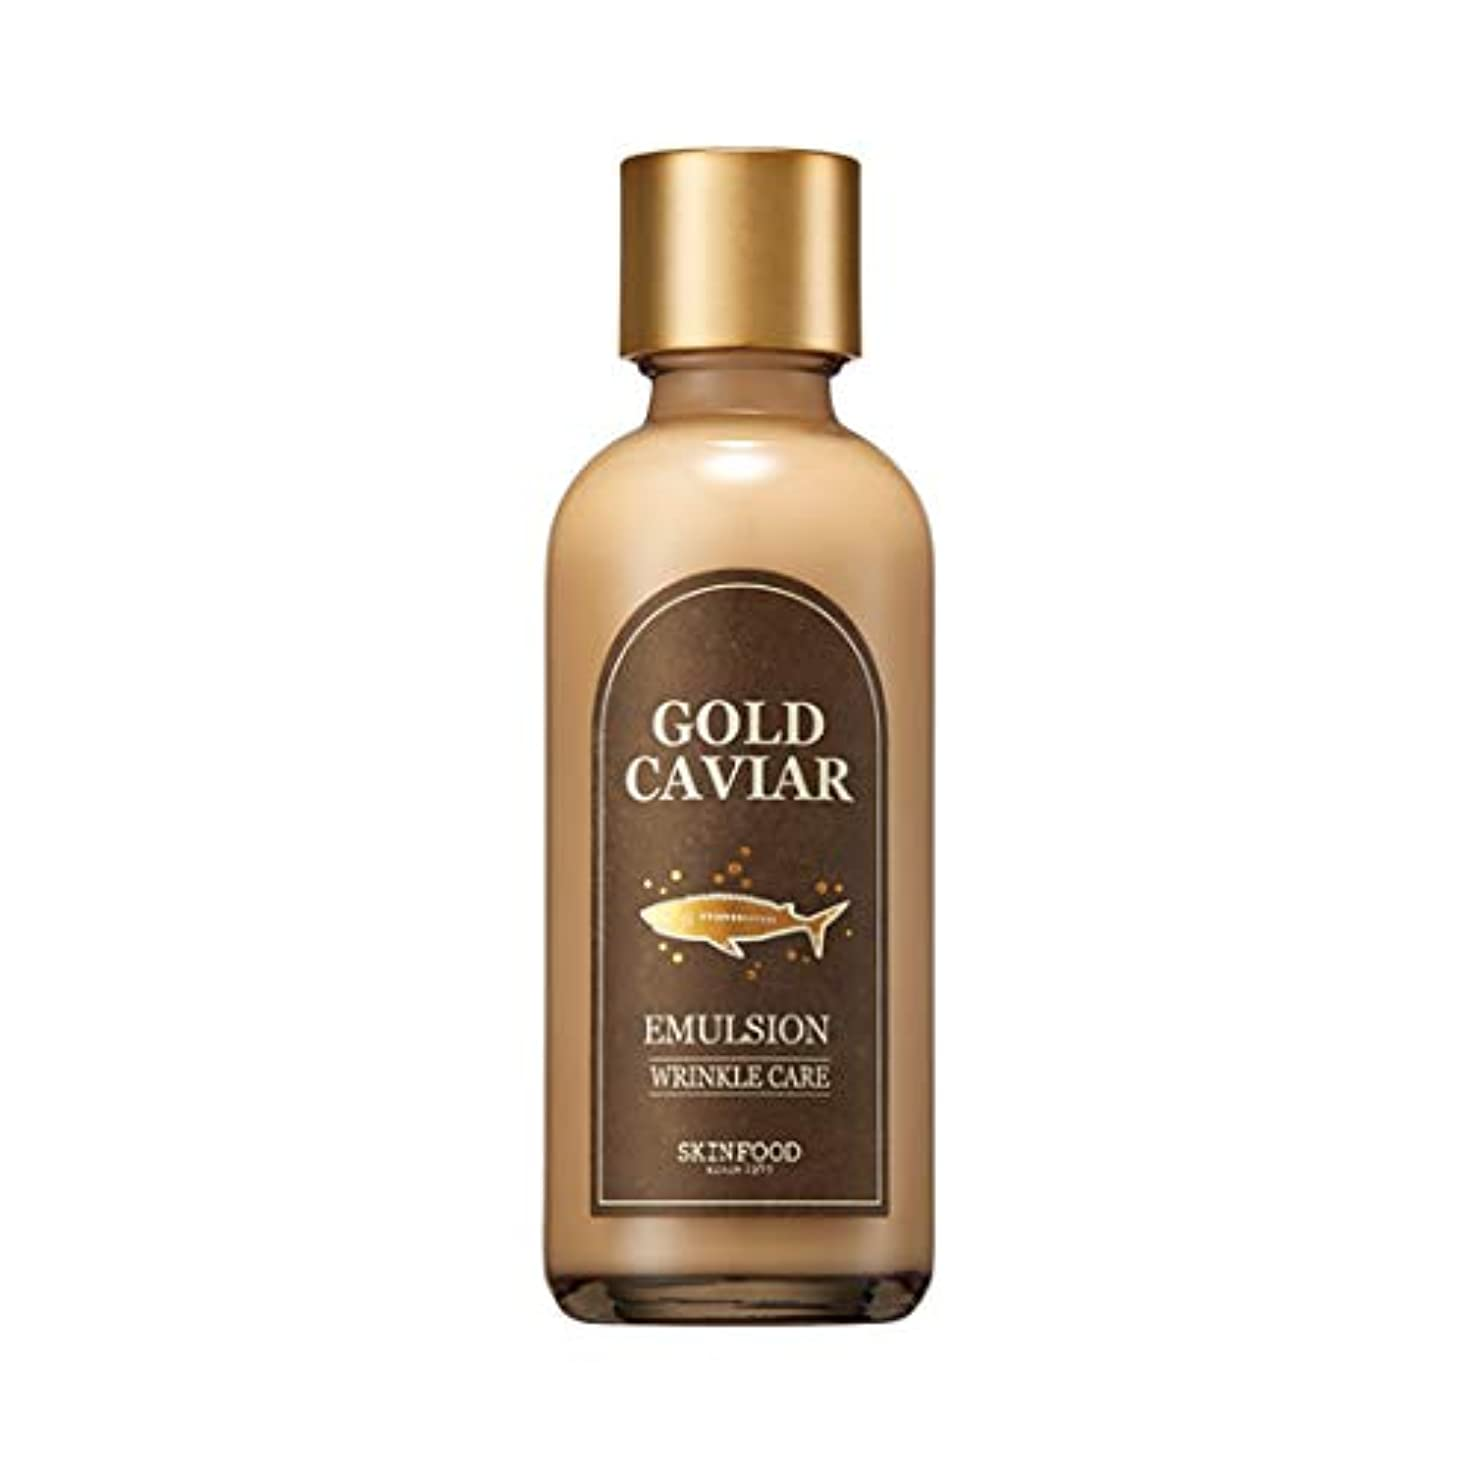 病的旅申し立てられたSkinfood ゴールドキャビアエマルジョン(しわケア用化粧品) / Gold Caviar Emulsion (Cosmeceutical for wrinkle care) 160ml [並行輸入品]